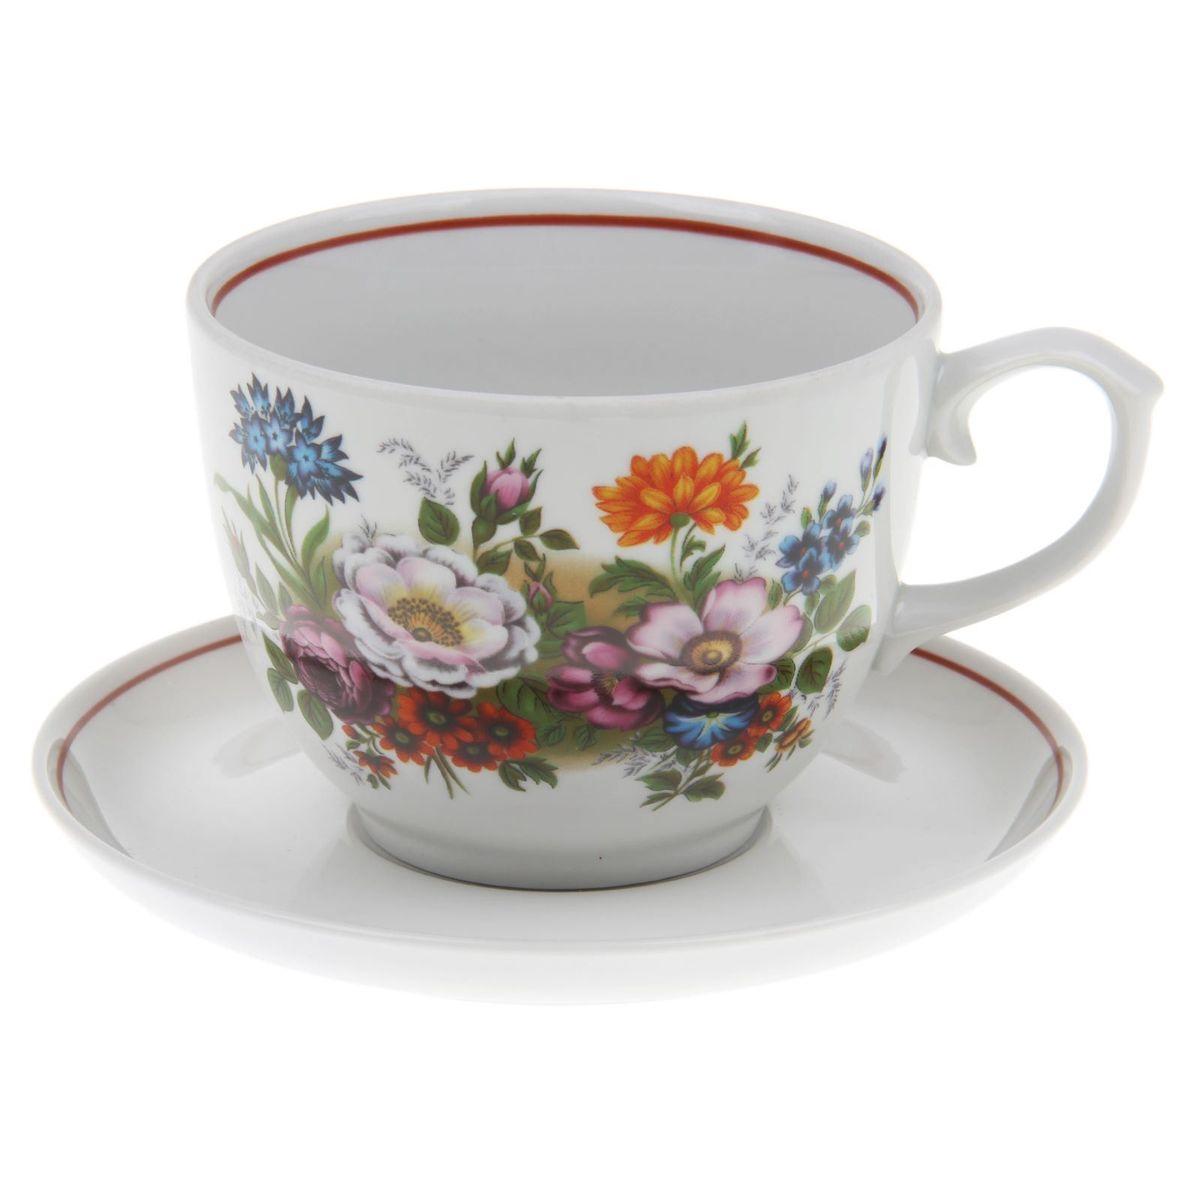 Чайная пара Букет цветов, 2 предмета68/5/4Чайная пара Букет цветов состоит из чашки и блюдца, выполненных из фарфора. Чайная пара украшена цветочным рисунком. Набор сочетает в себе бытовую практичность и декоративную утонченность. Подходит для повседневного использования.